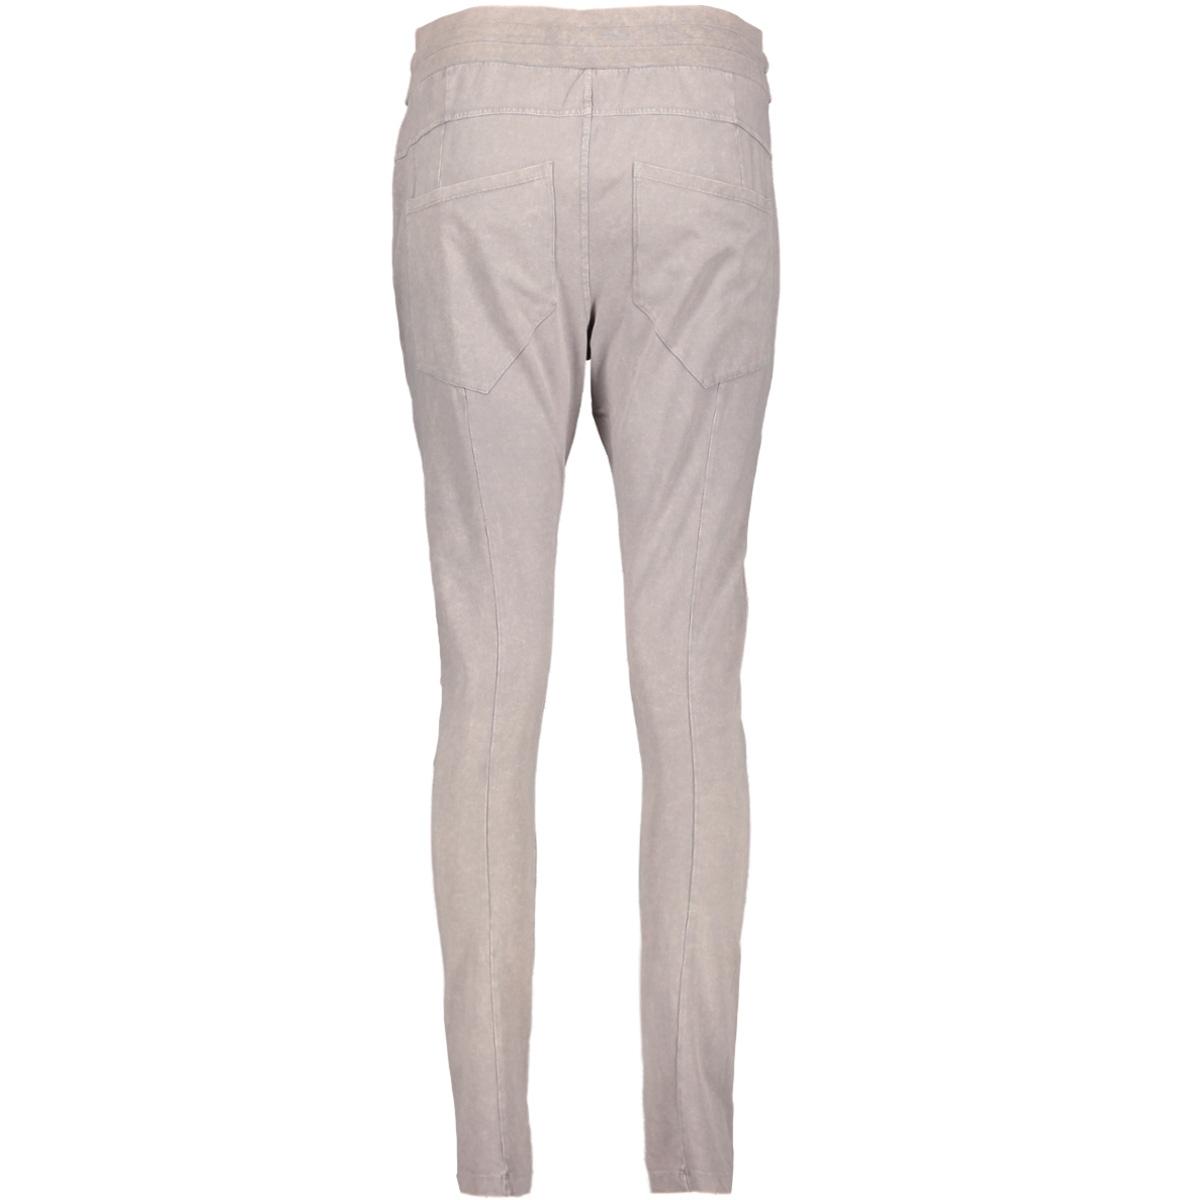 20-001-7103 10 days broek soft grey